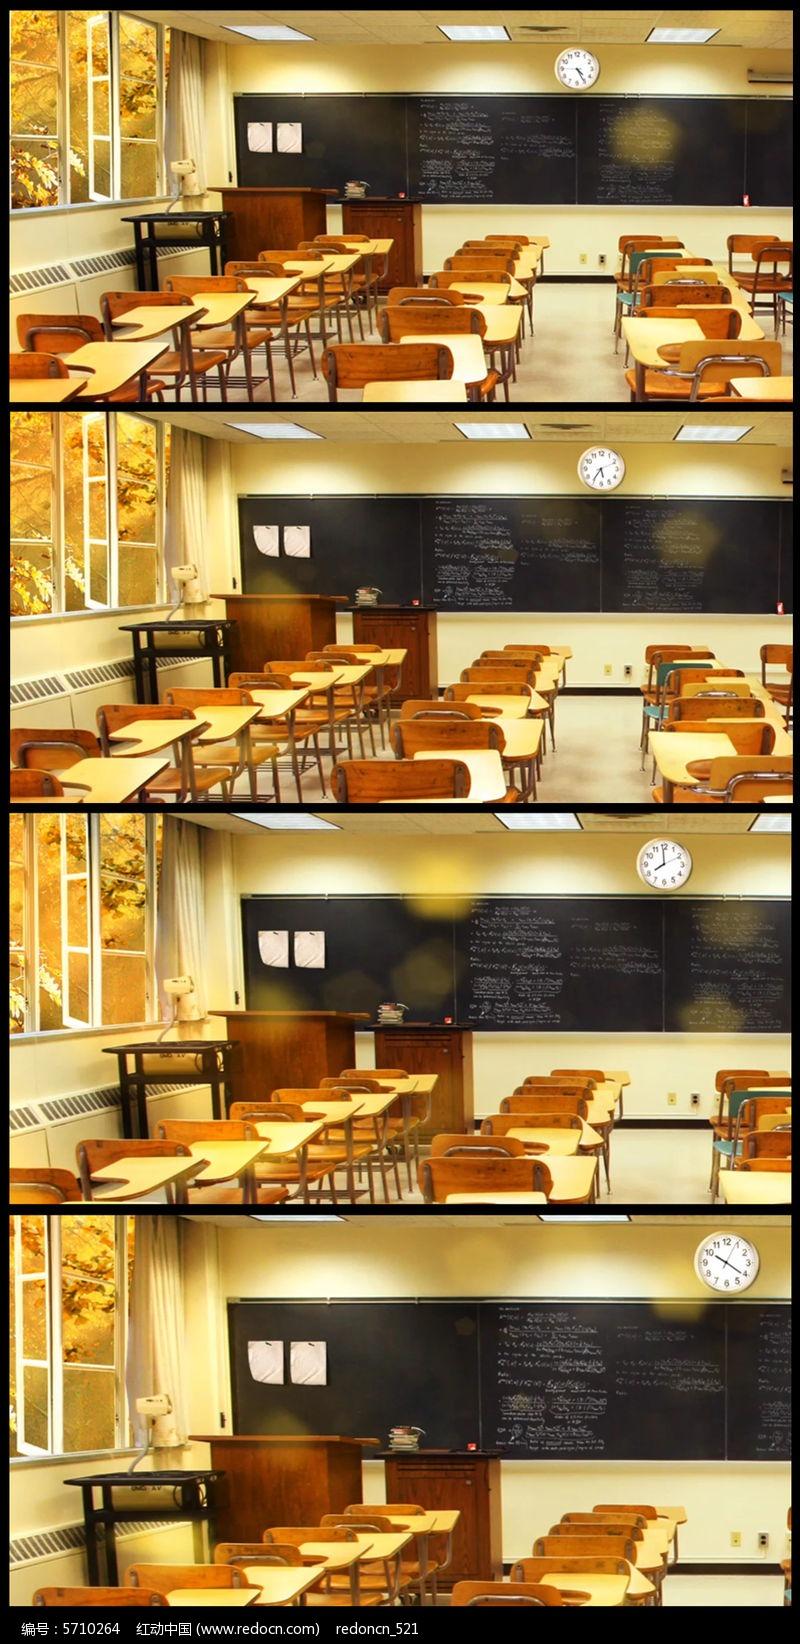 怀旧温馨教师课堂背景视频图片